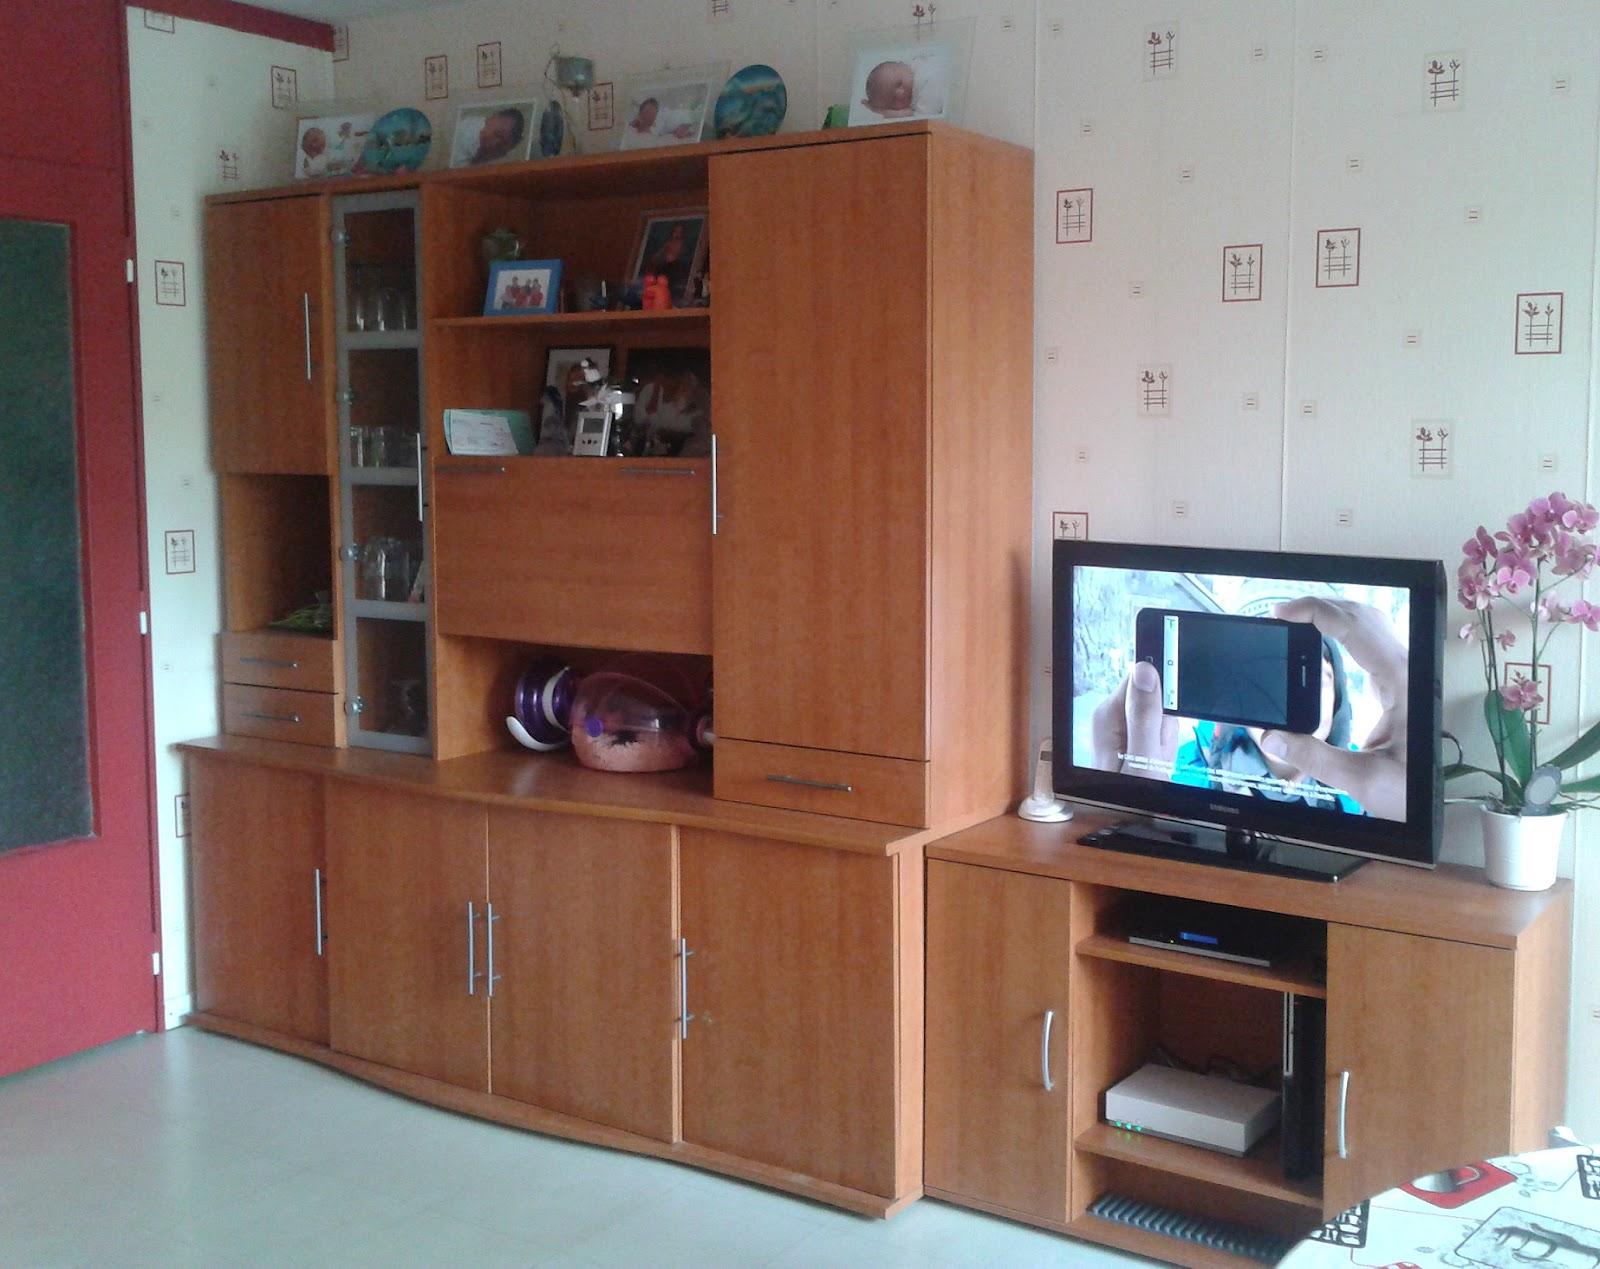 juste un meuble decaper un meuble vernis id es d coration. Black Bedroom Furniture Sets. Home Design Ideas